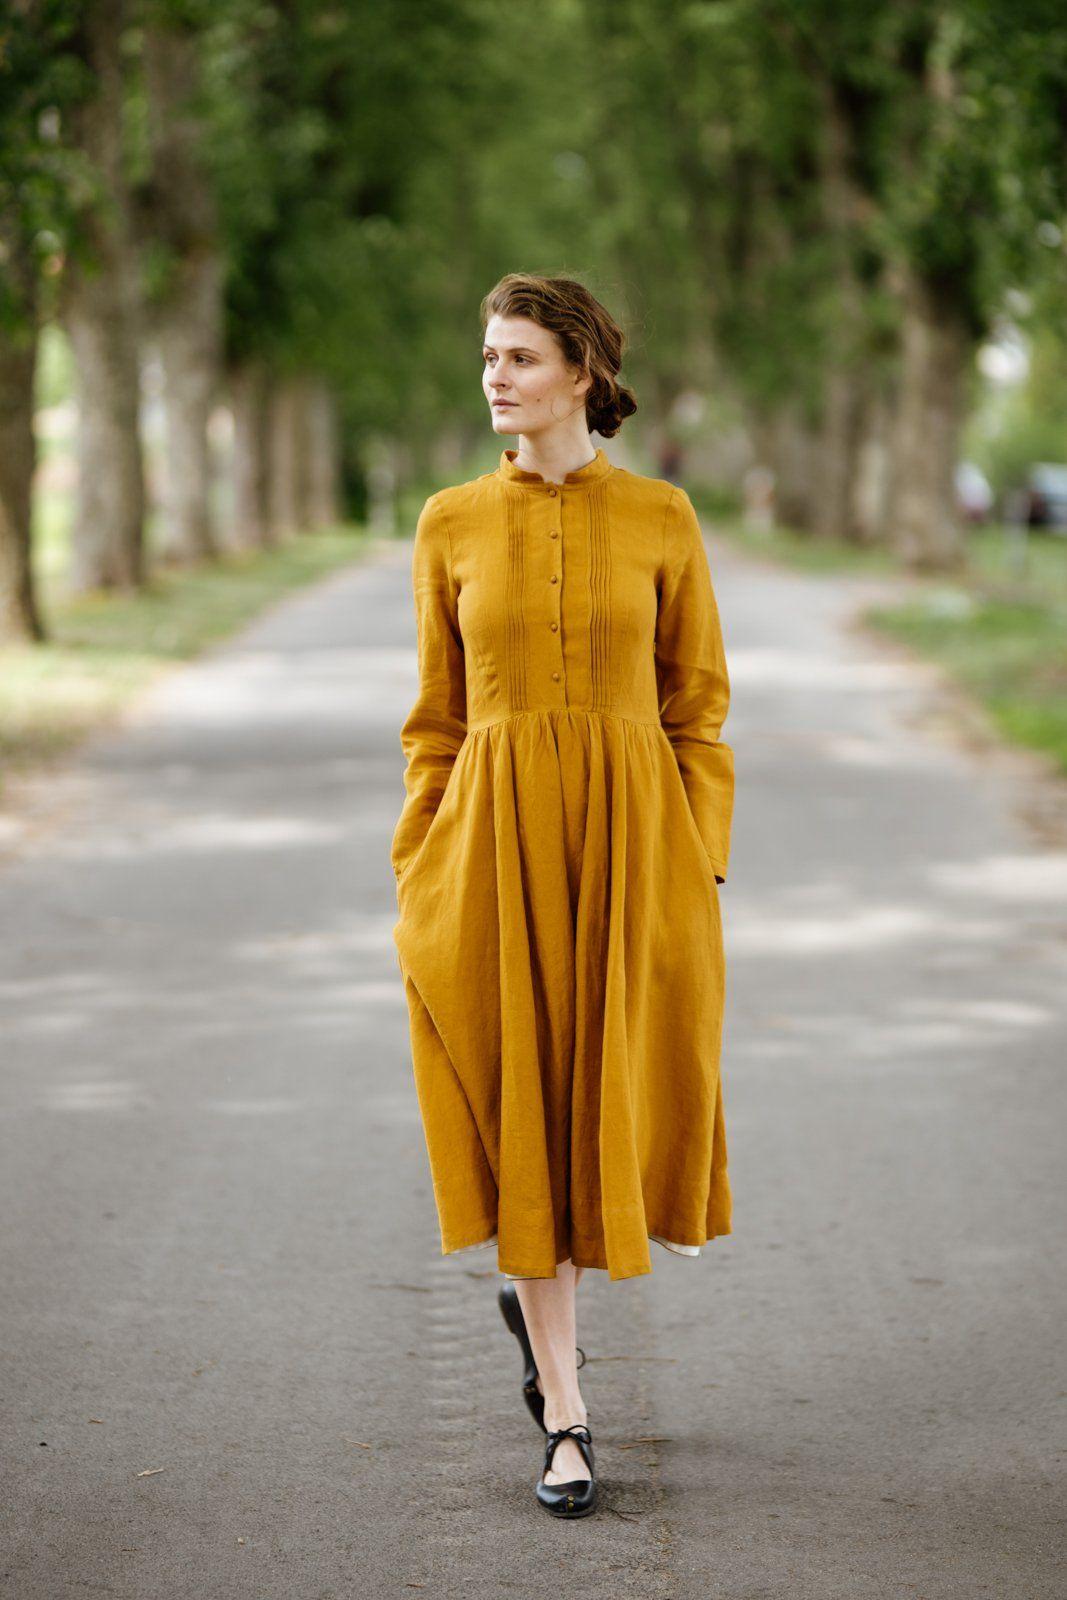 Mustard Linen Dress with Mandarin Collar Linen dress